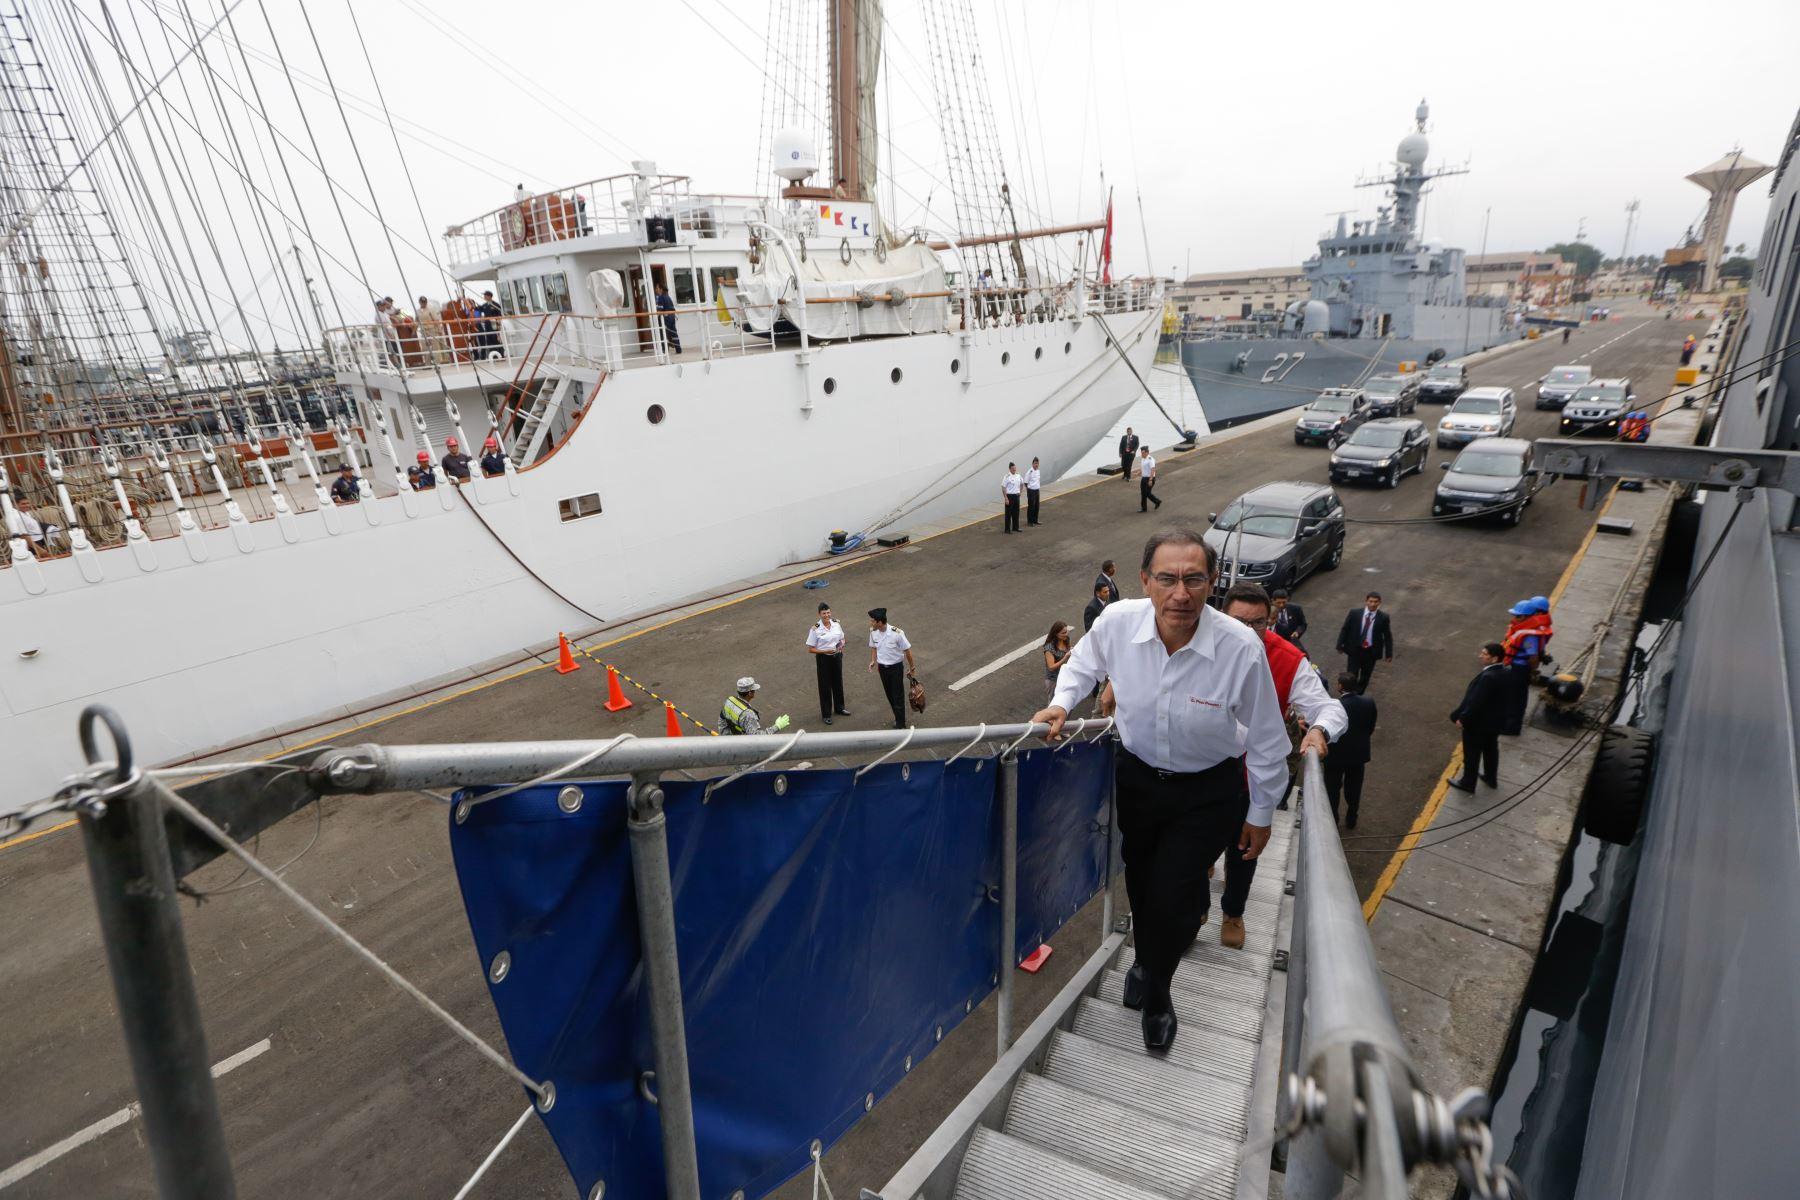 Presidente Vizcarra asiste a zarpe de BAP Pisco, que lleva más de 500 toneladas de ayuda humanitaria al sur del país. Foto: ANDINA/Prensa Presidencia